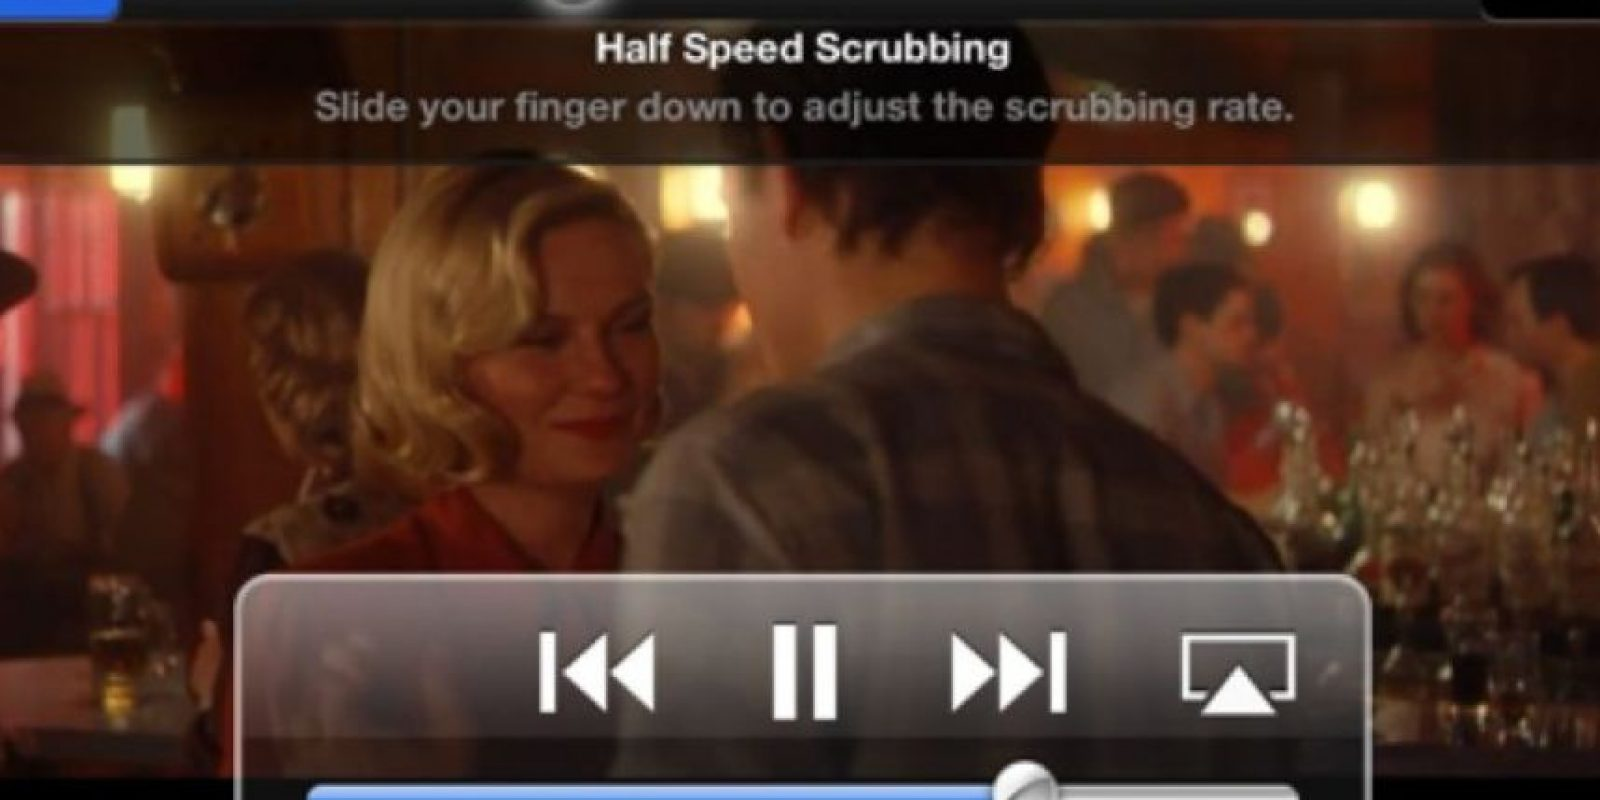 Cambiar la velocidad de reproducción de los videos. Pueden hacerlo al arrastrar el circulo en la barra de reproducción. Pueden cambiar la reproducción a velocidad media, a un cuarto de velocidad o a un octavo. Foto:vía screenlight.tv